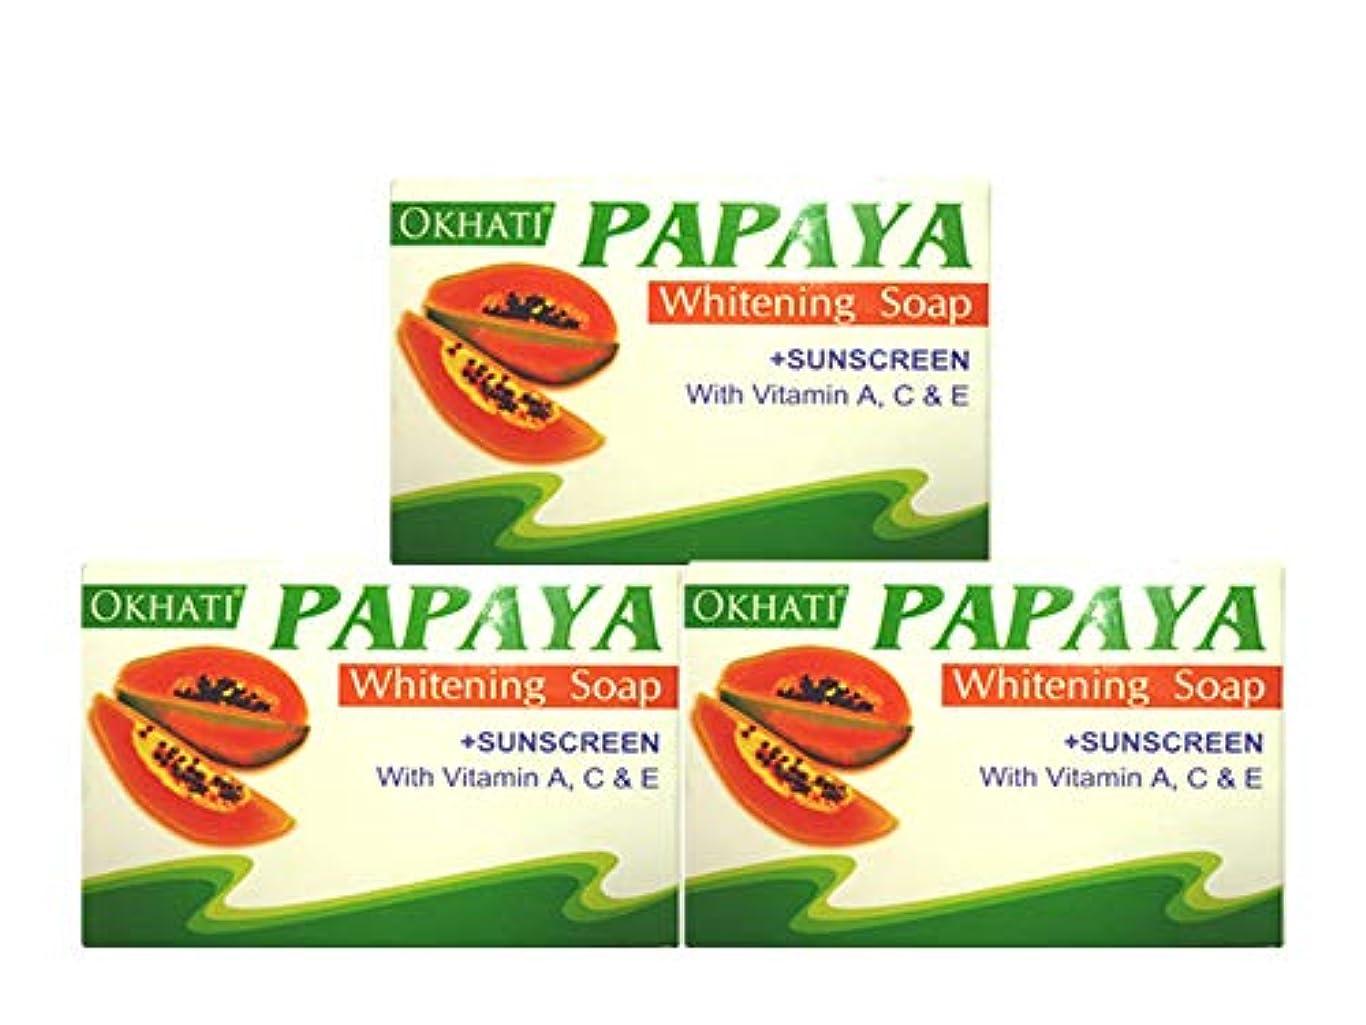 溶けるバインド生産性オカティ パパイヤ ソープ 135g*3Set AYURVEDEC OKHATI PAPAYA Whitening Soap/NEPAL HIMALAYA SOAP ヒマラヤ石鹸